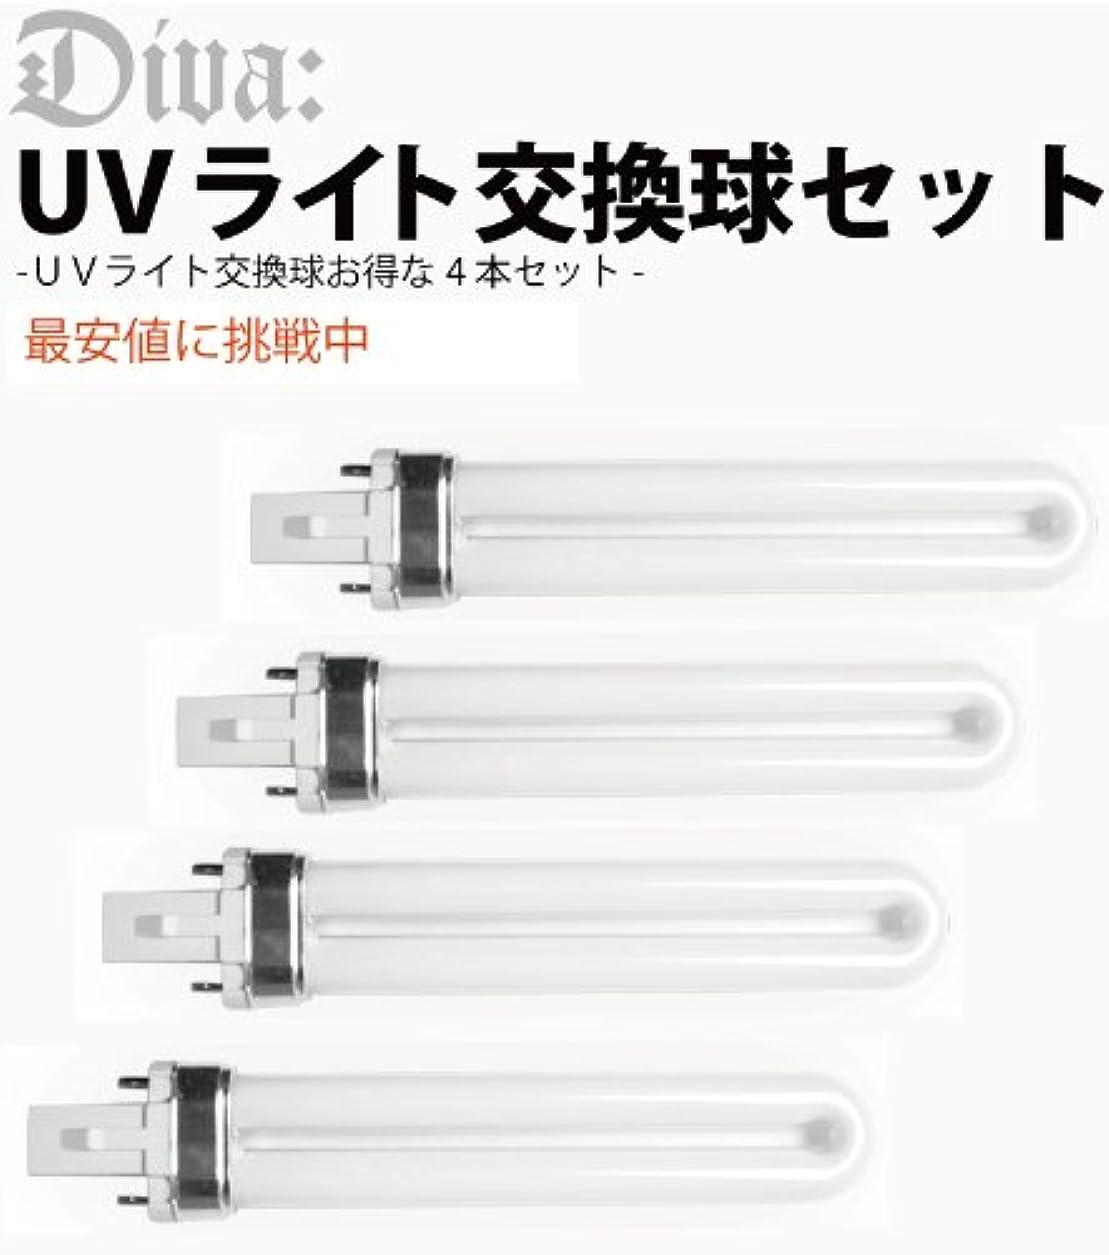 オリエンテーション教育する位置づけるUVライト36W 交換ライト ランプ 4本セット